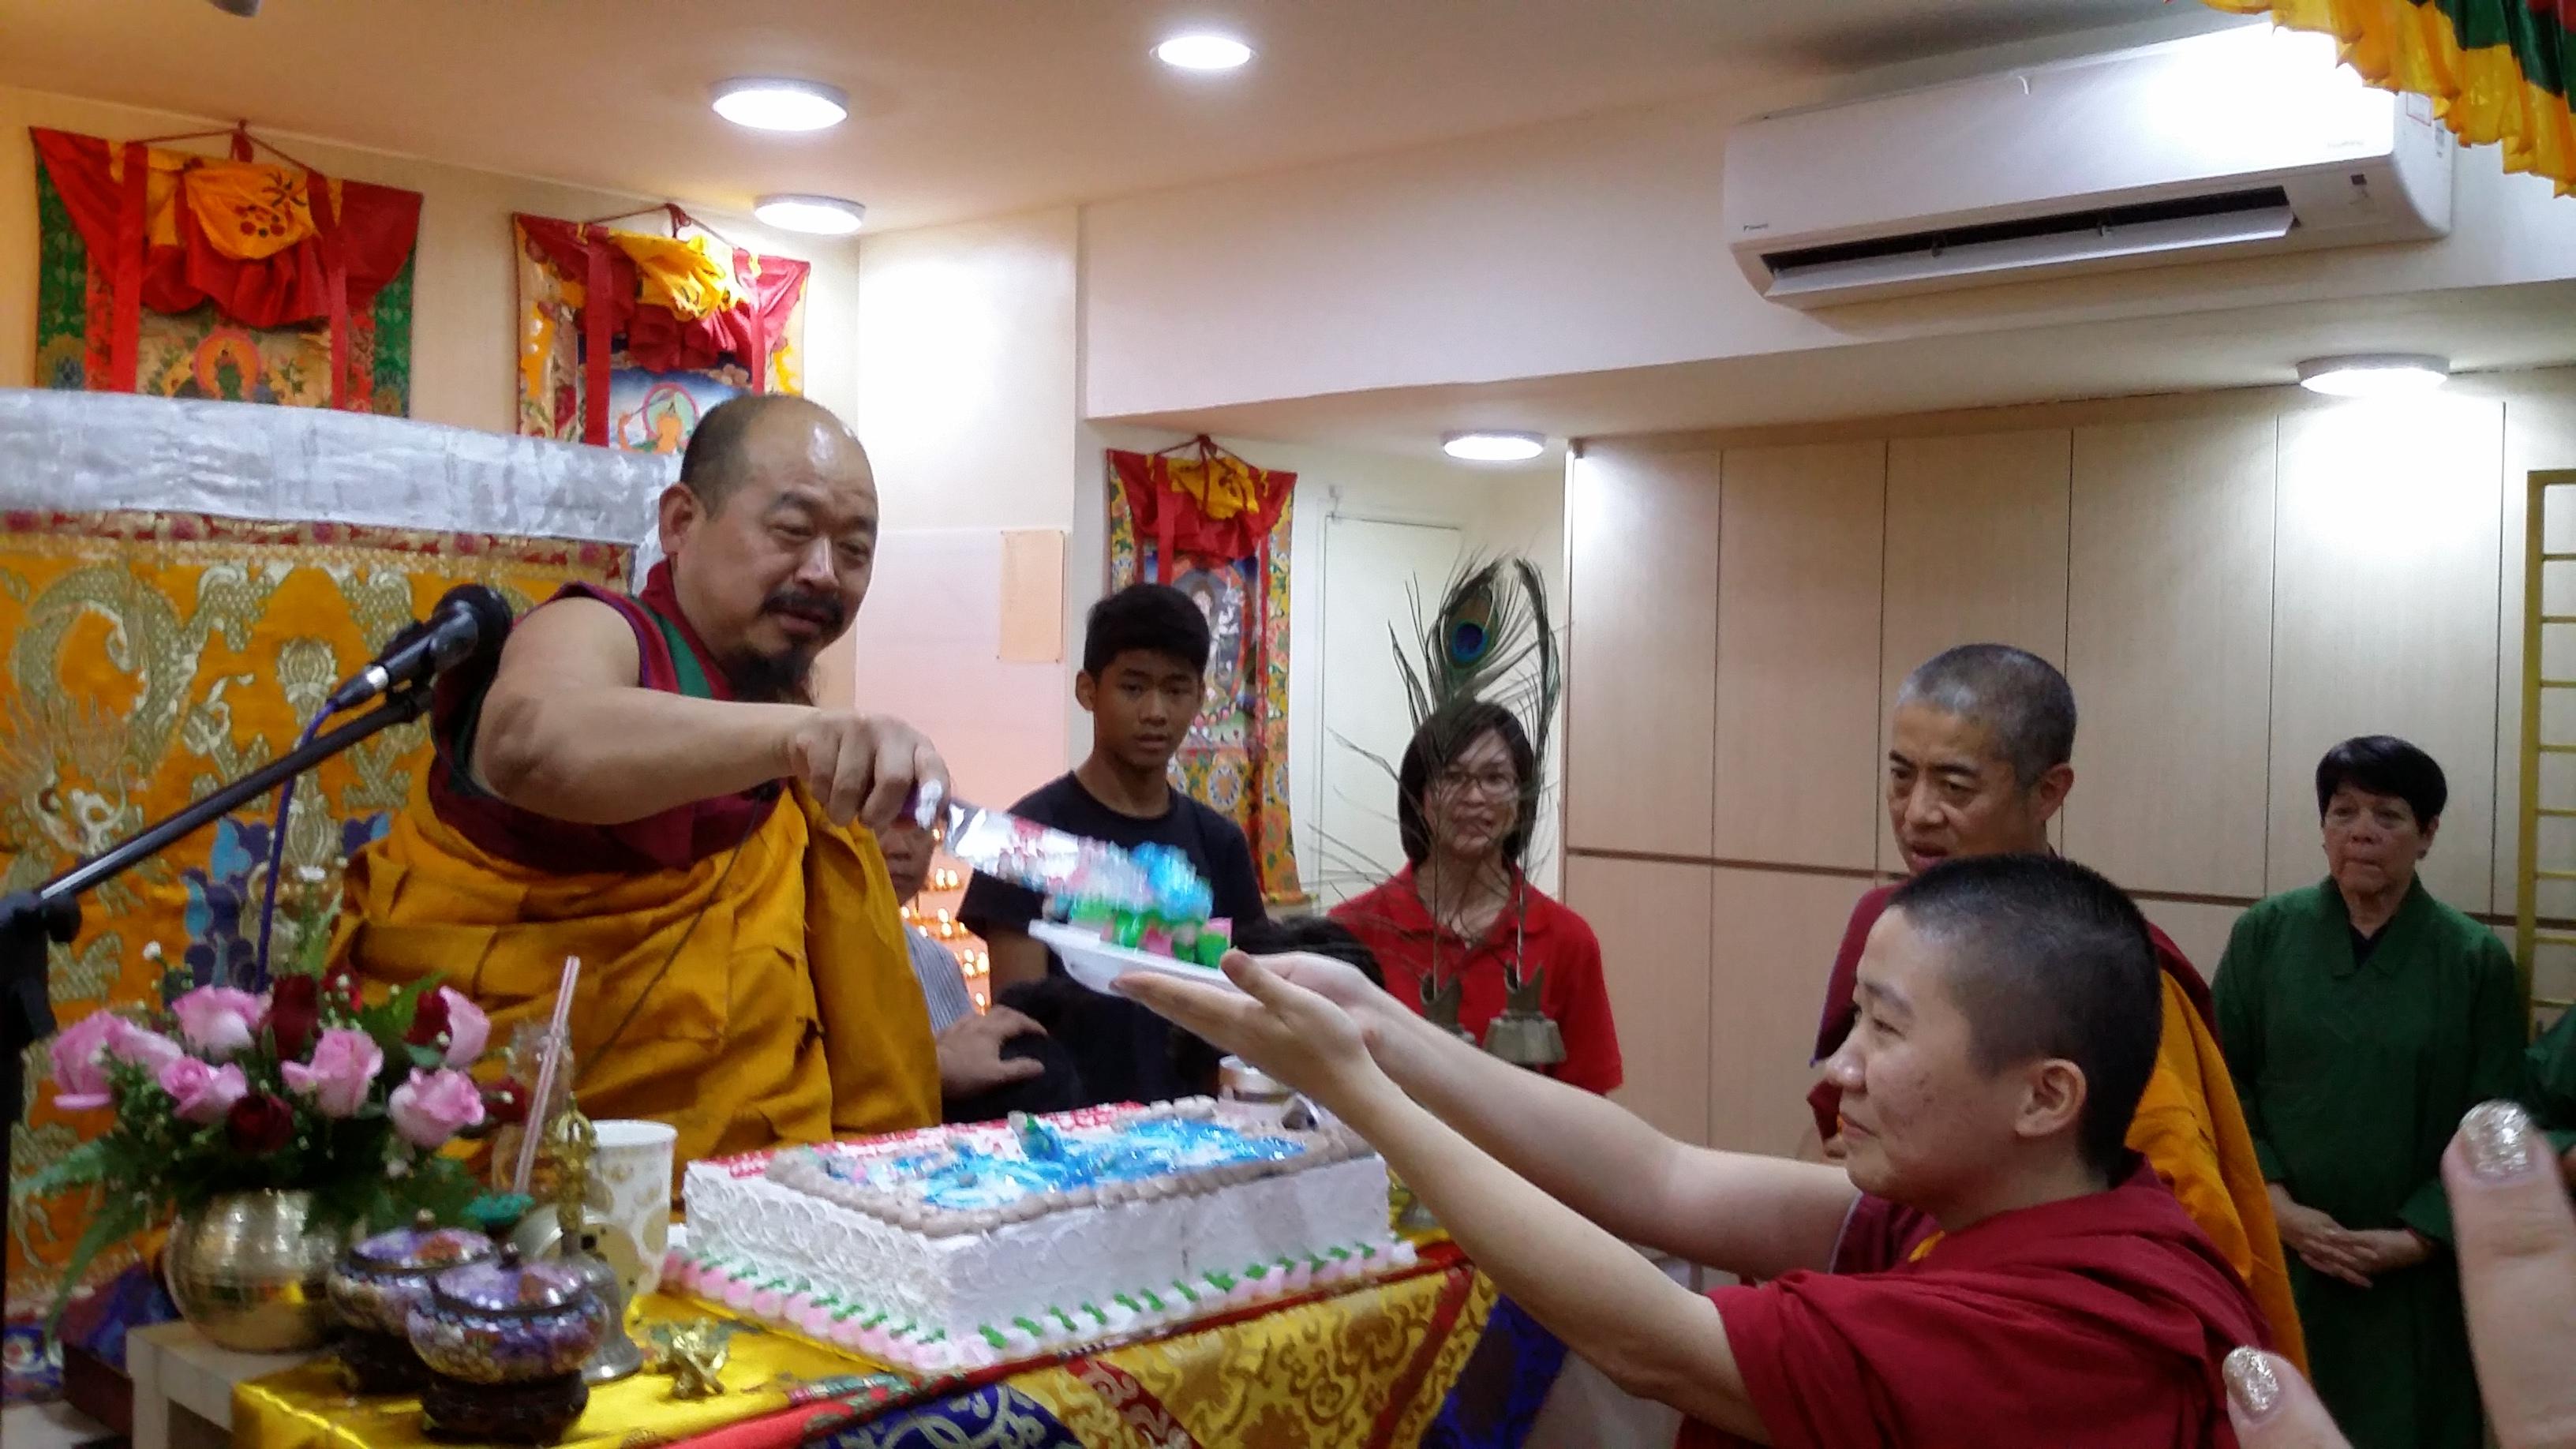 马来西亚嘎档巴佛教会 (格拉纳再也分会)